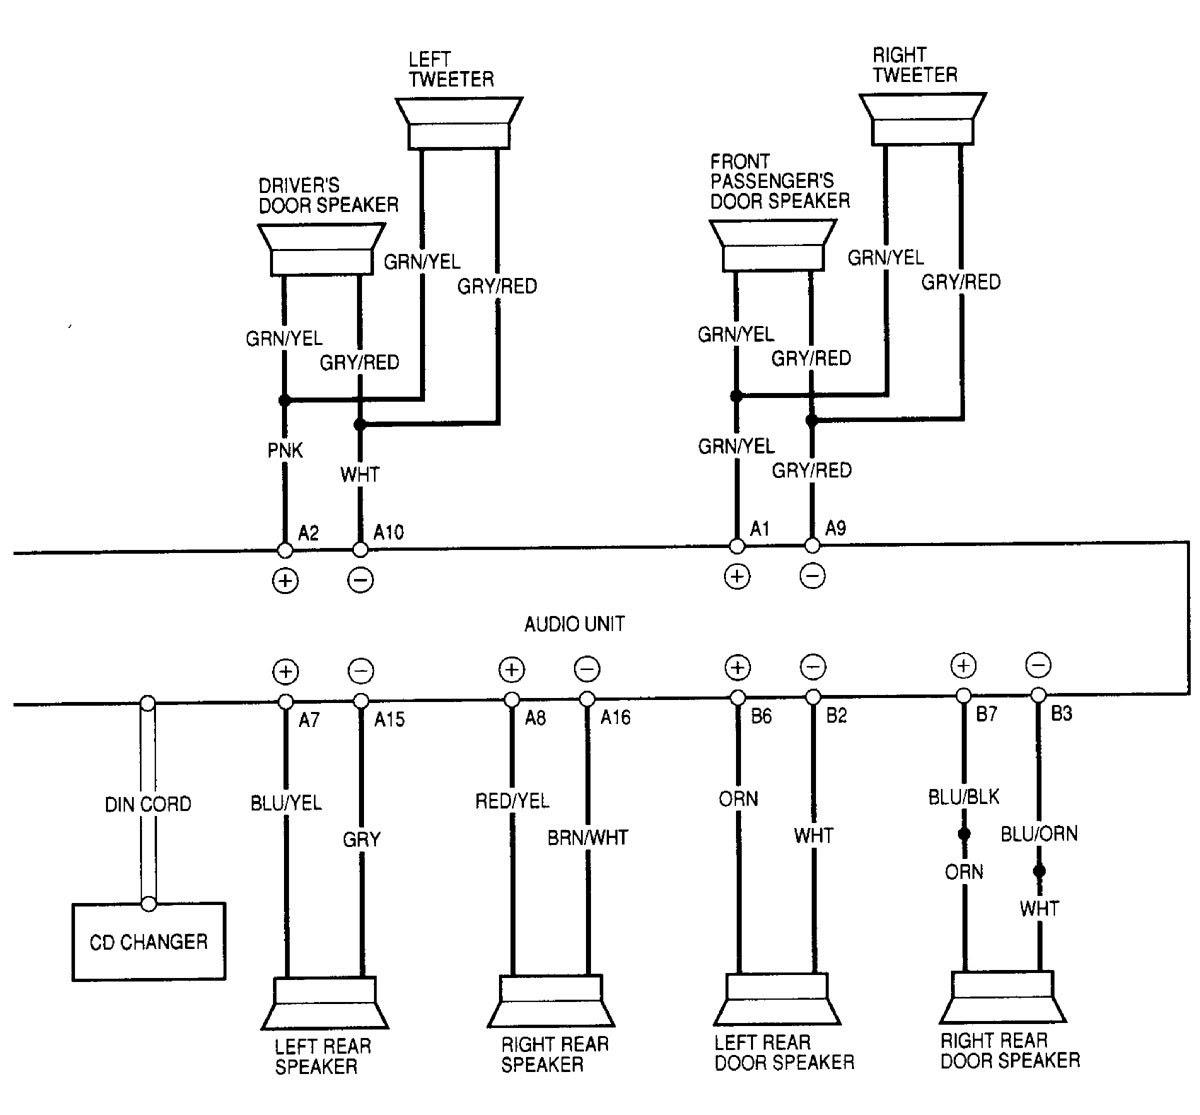 2001 Acura Radio Wiring Diagram